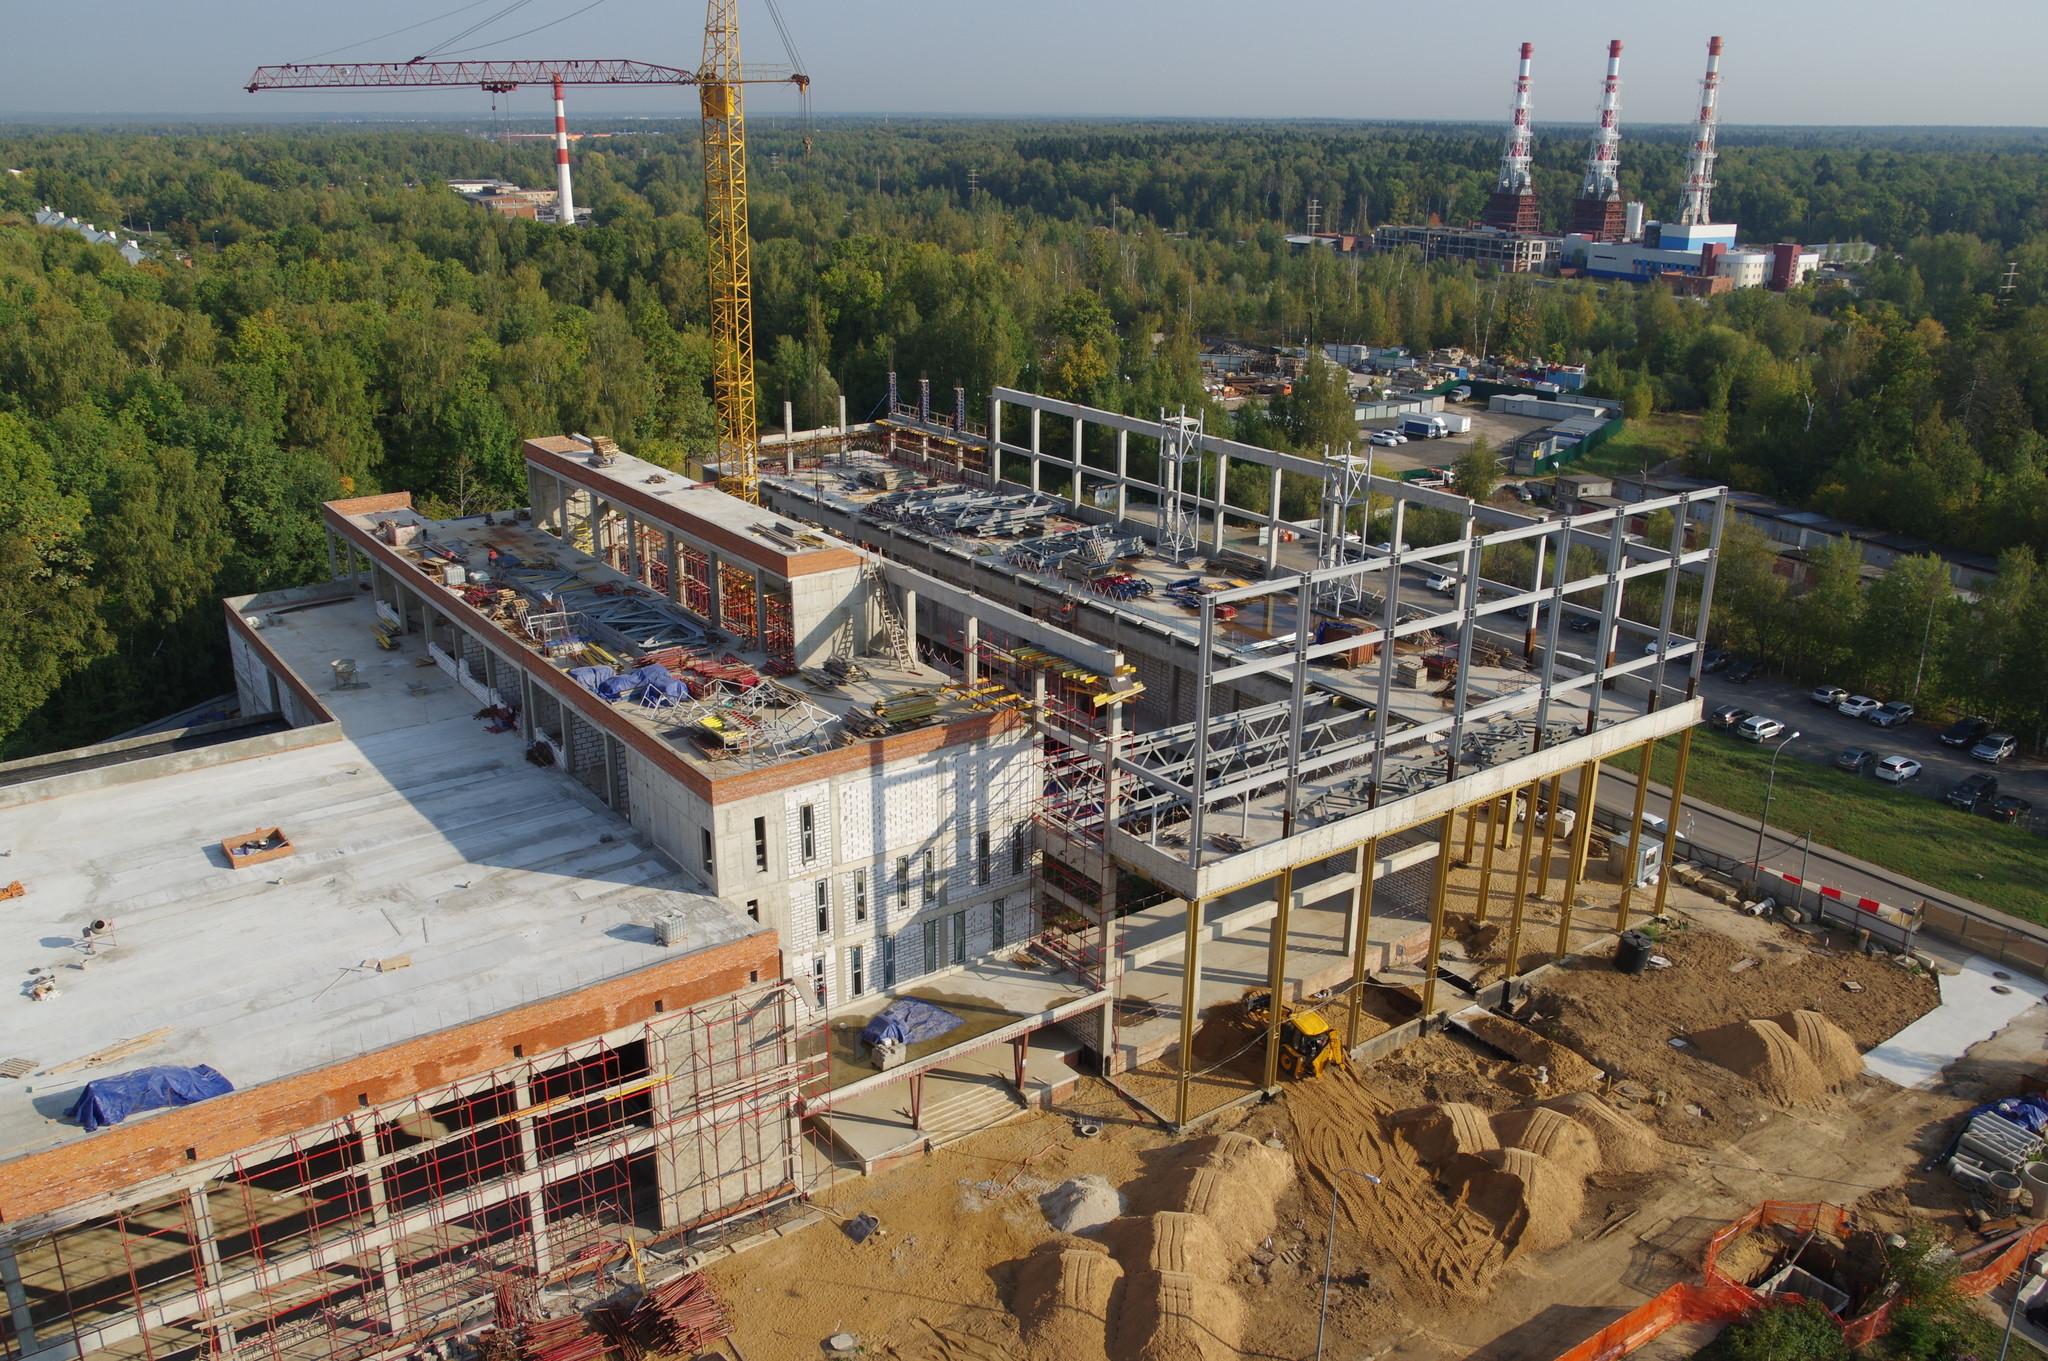 В 4-м микрорайоне возводится комплекс для ГБУ «Спортивная школа олимпийского резерва «Северный» Москомспорта»